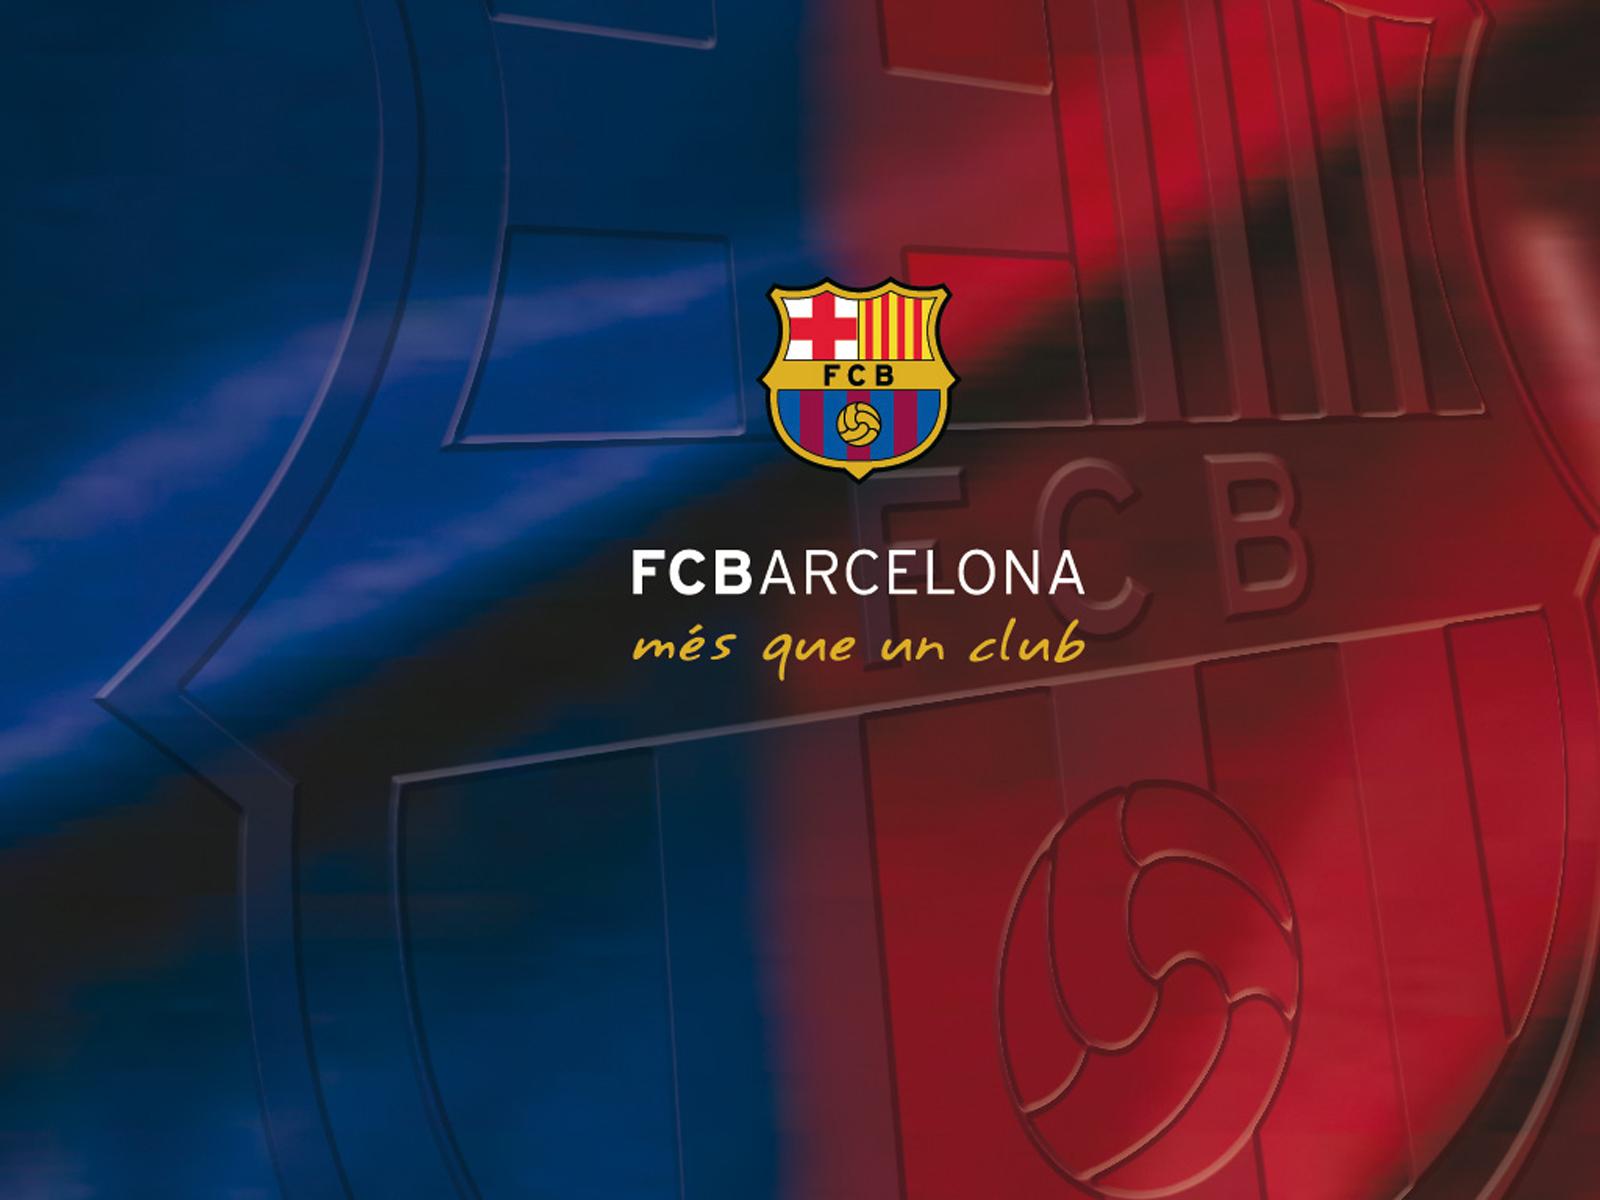 Descarga Fondos HD: Fondo De Pantalla Futbol